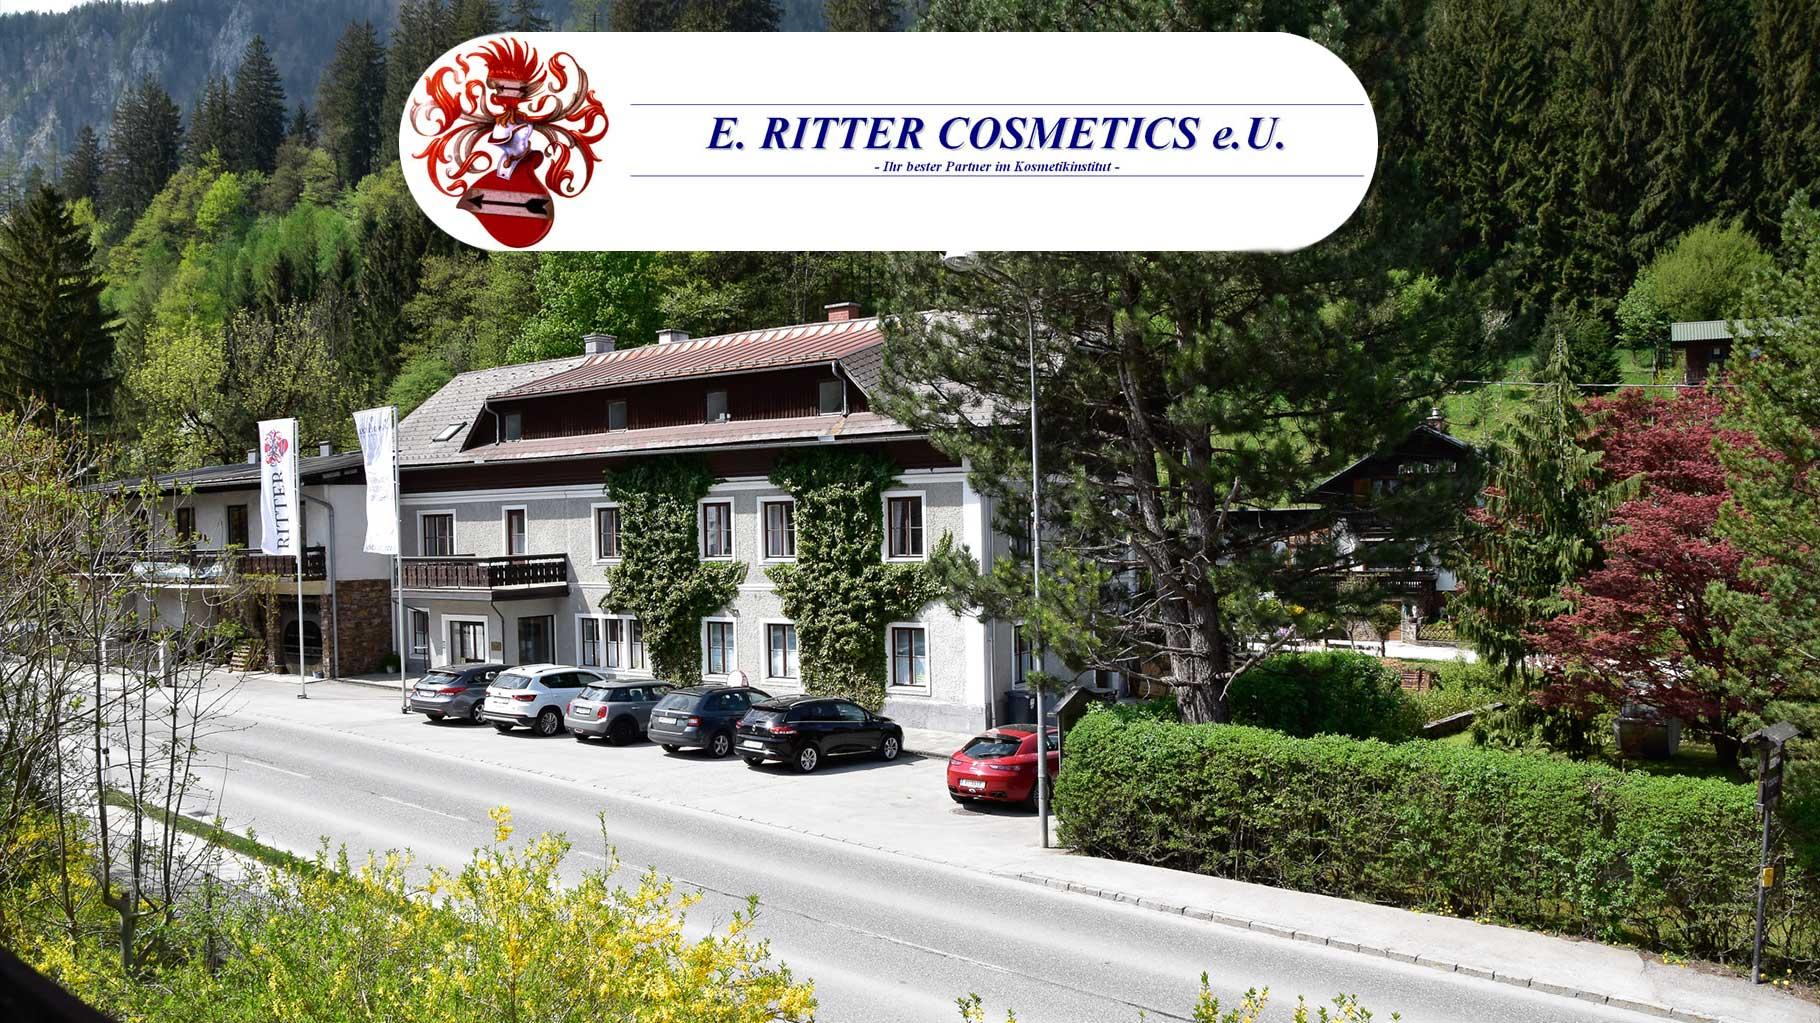 E. Ritter Cosmetics